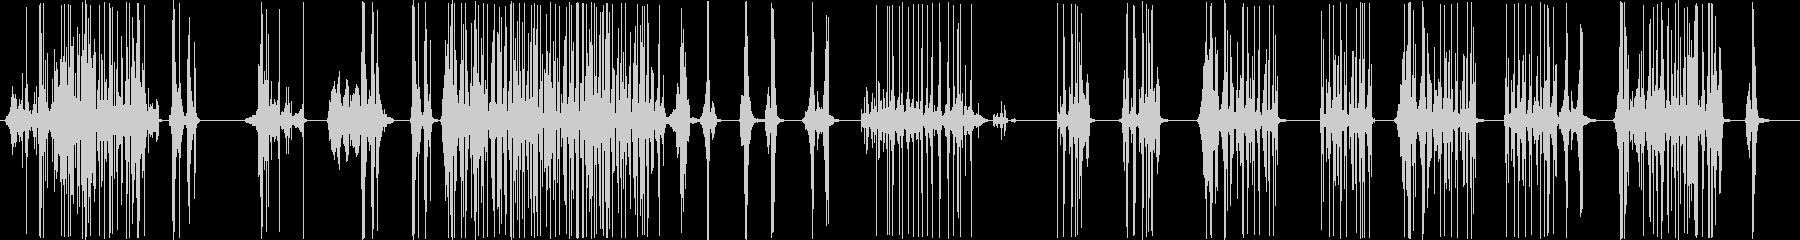 脳内で高速にファイルをめくっていく音の未再生の波形